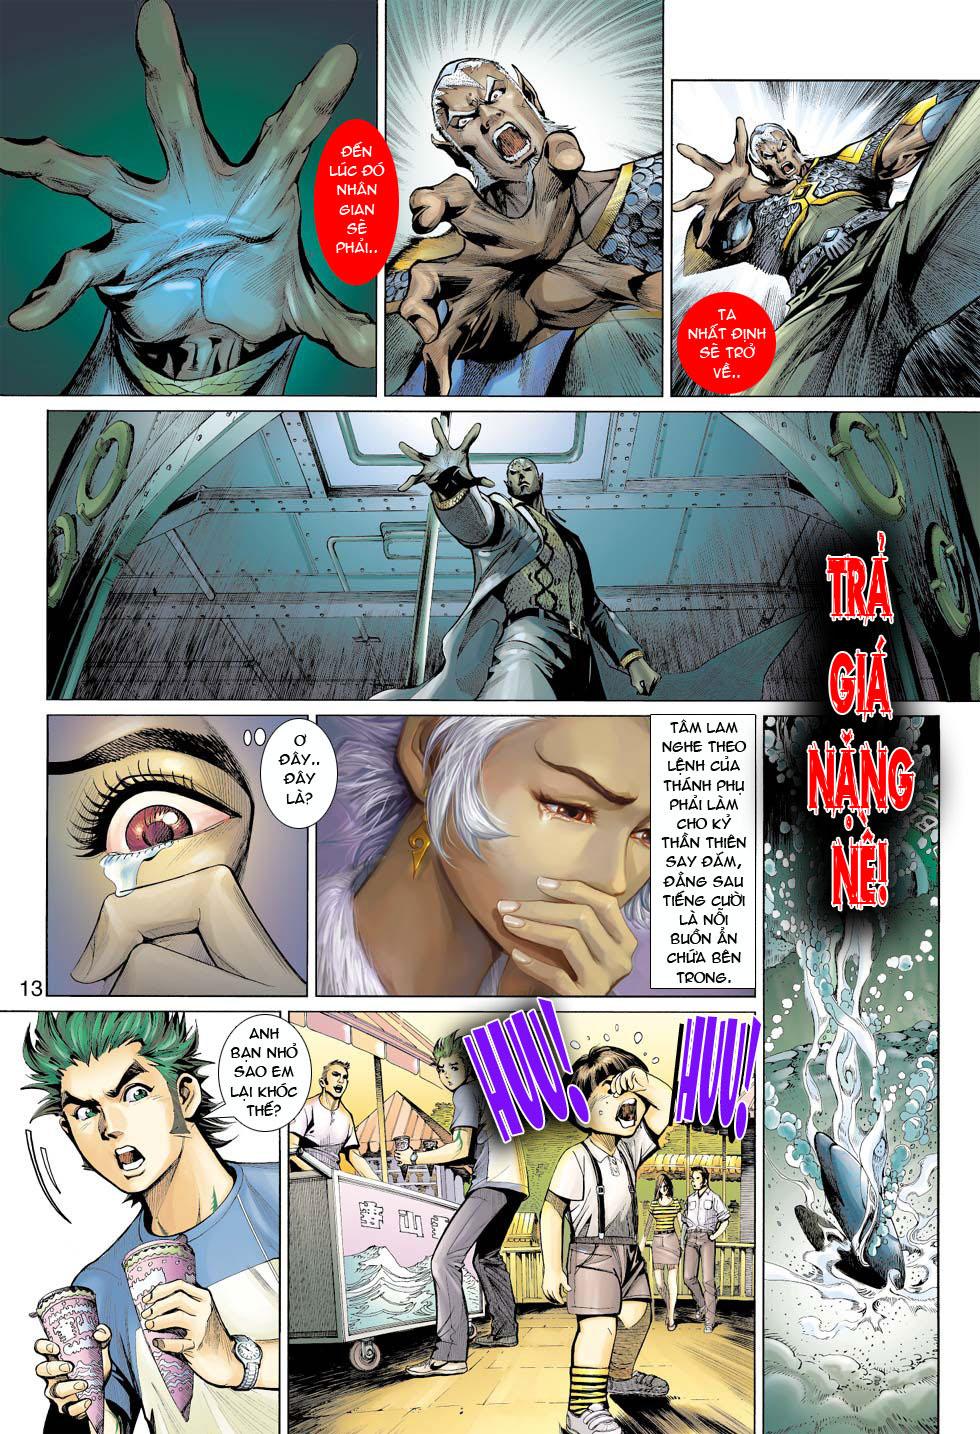 Thần Binh 4 chap 12 - Trang 14